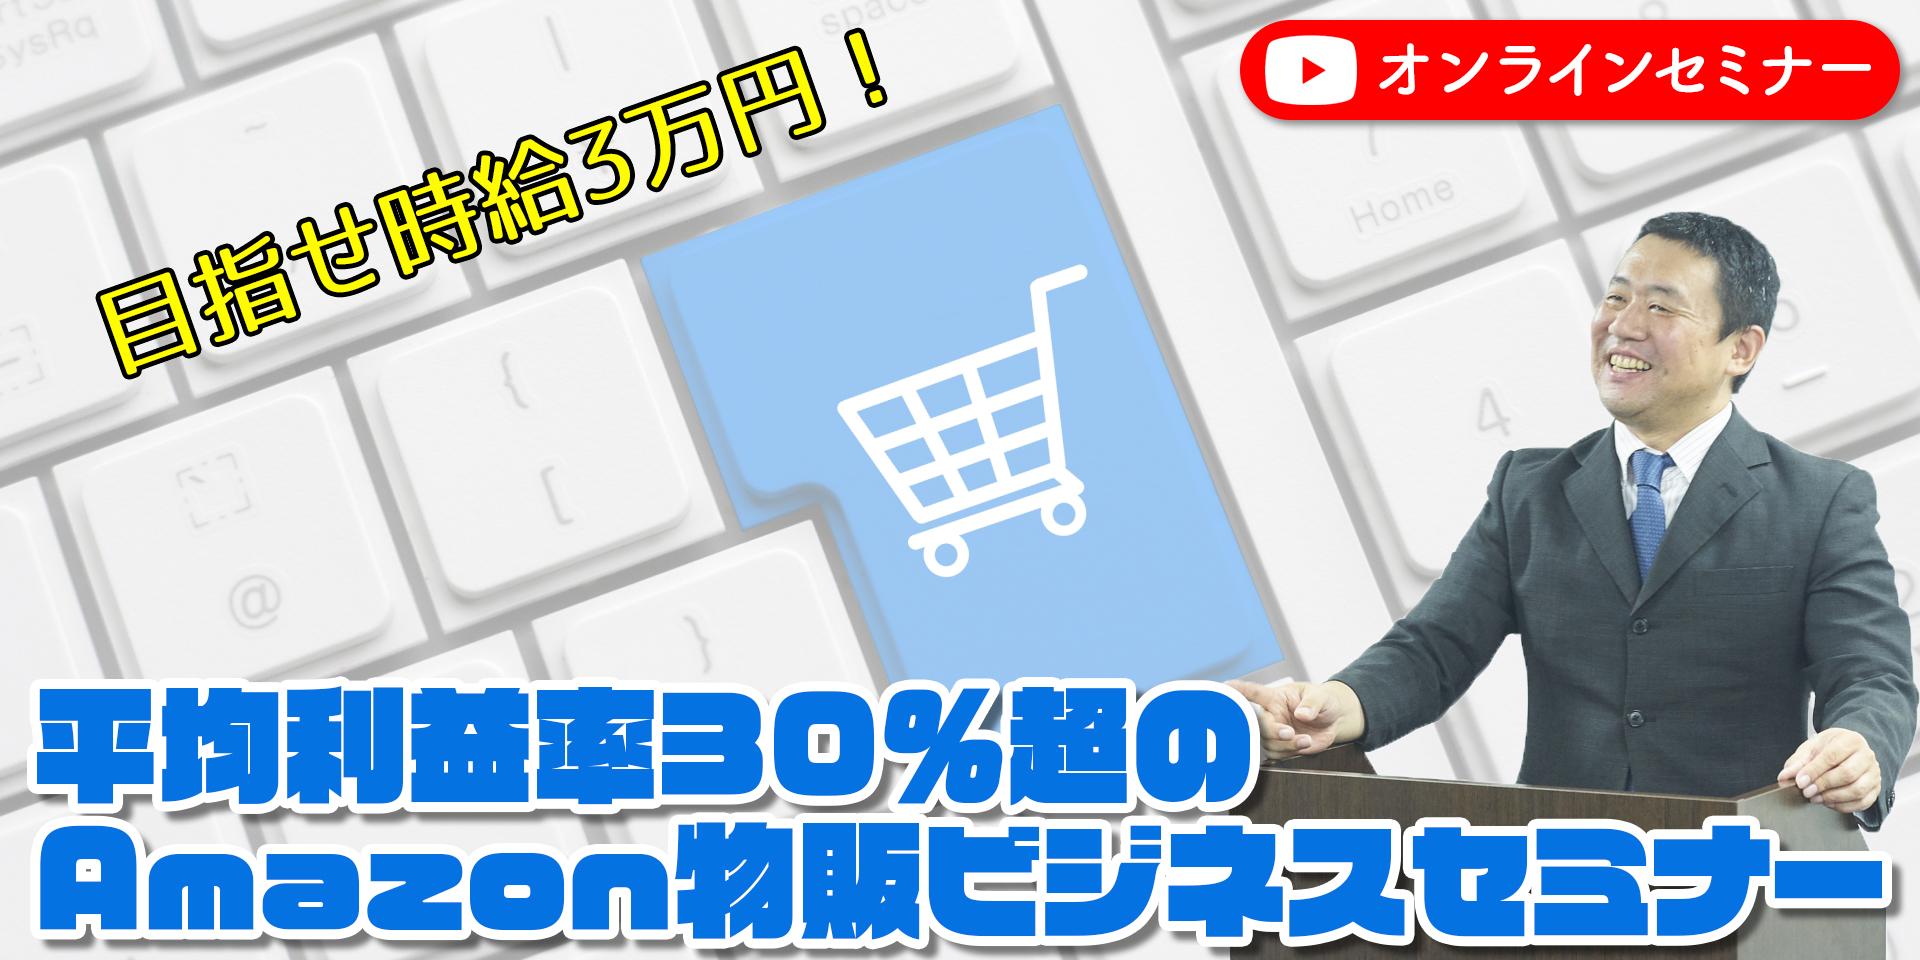 Amazon物販オンライン